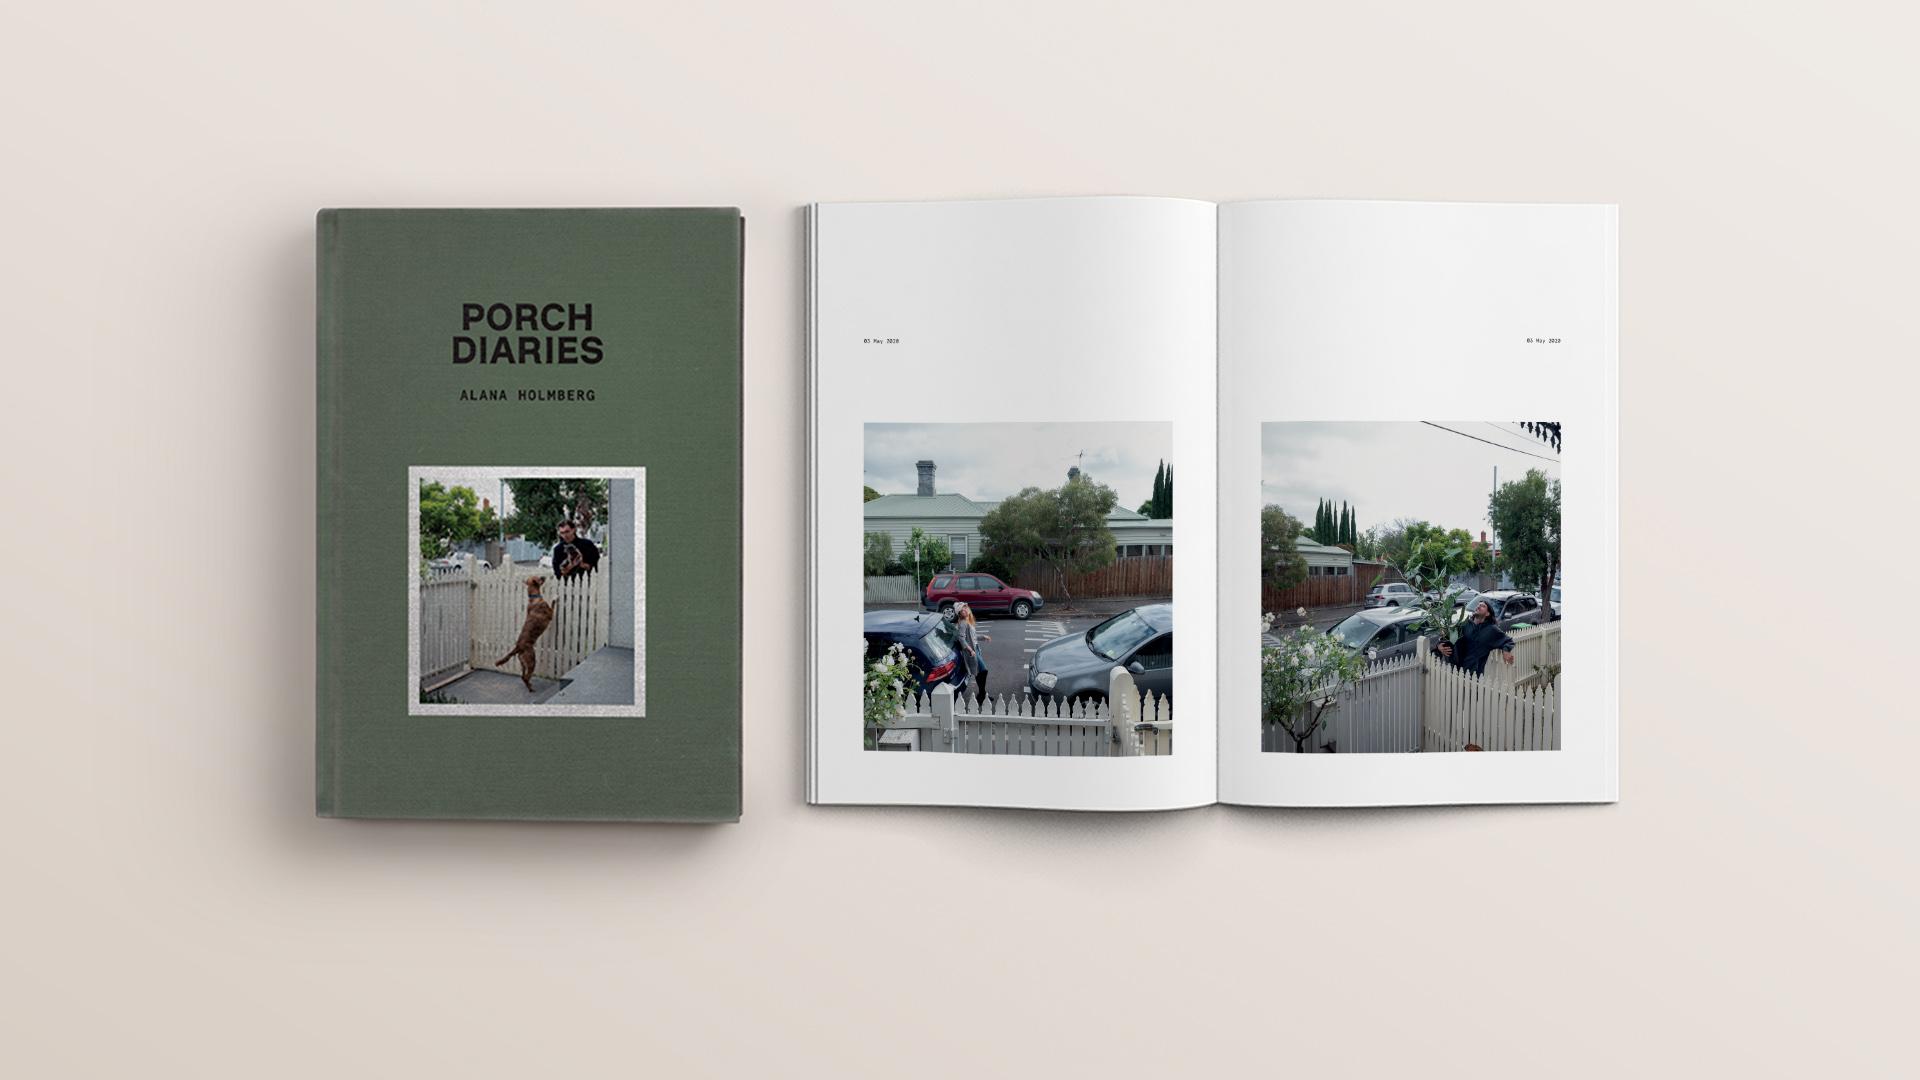 Porch Diaries